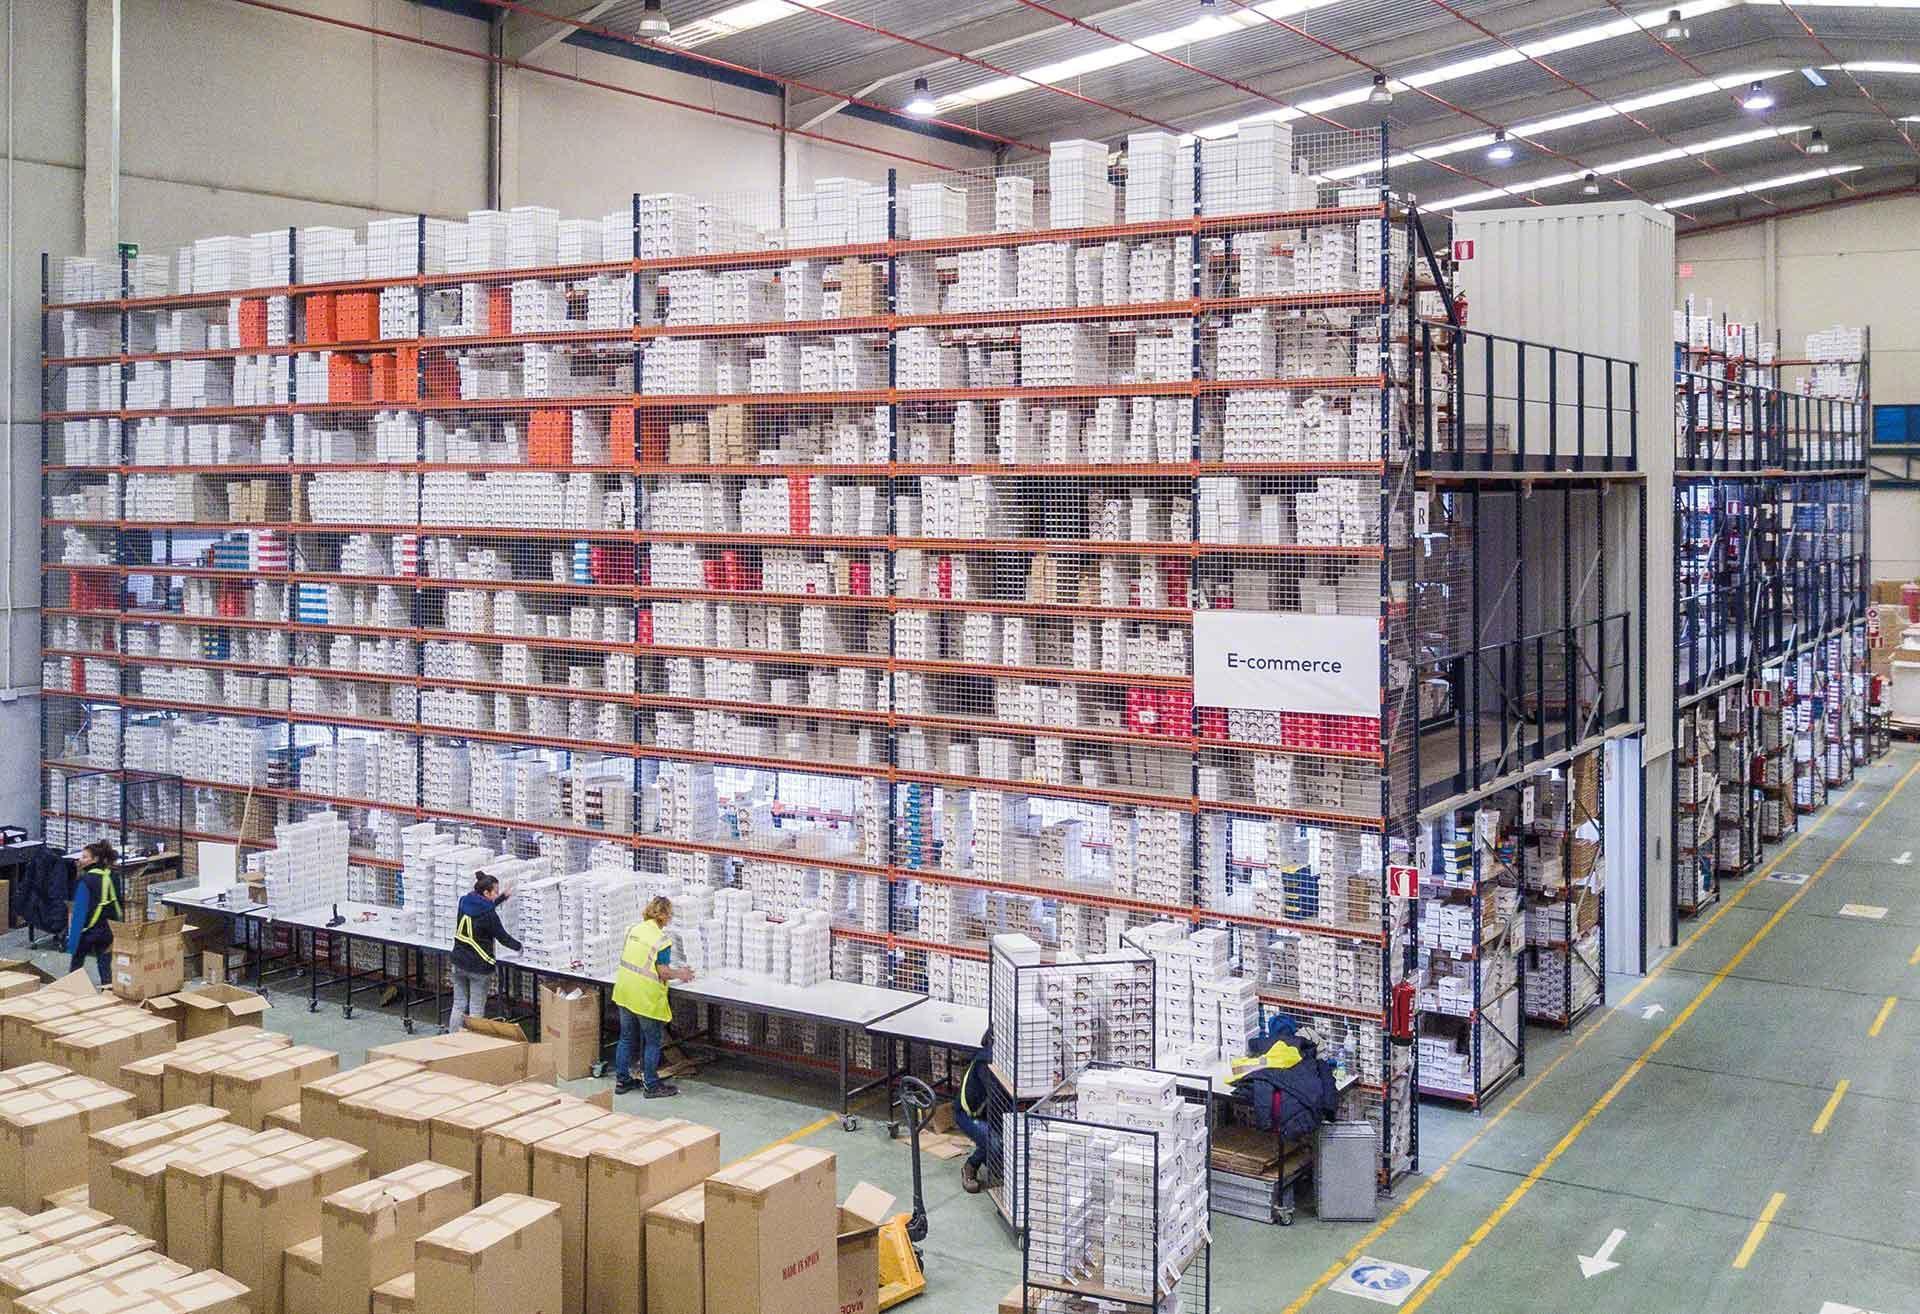 Mezaninos entre estantes permitem otimizar o espaço no armazém